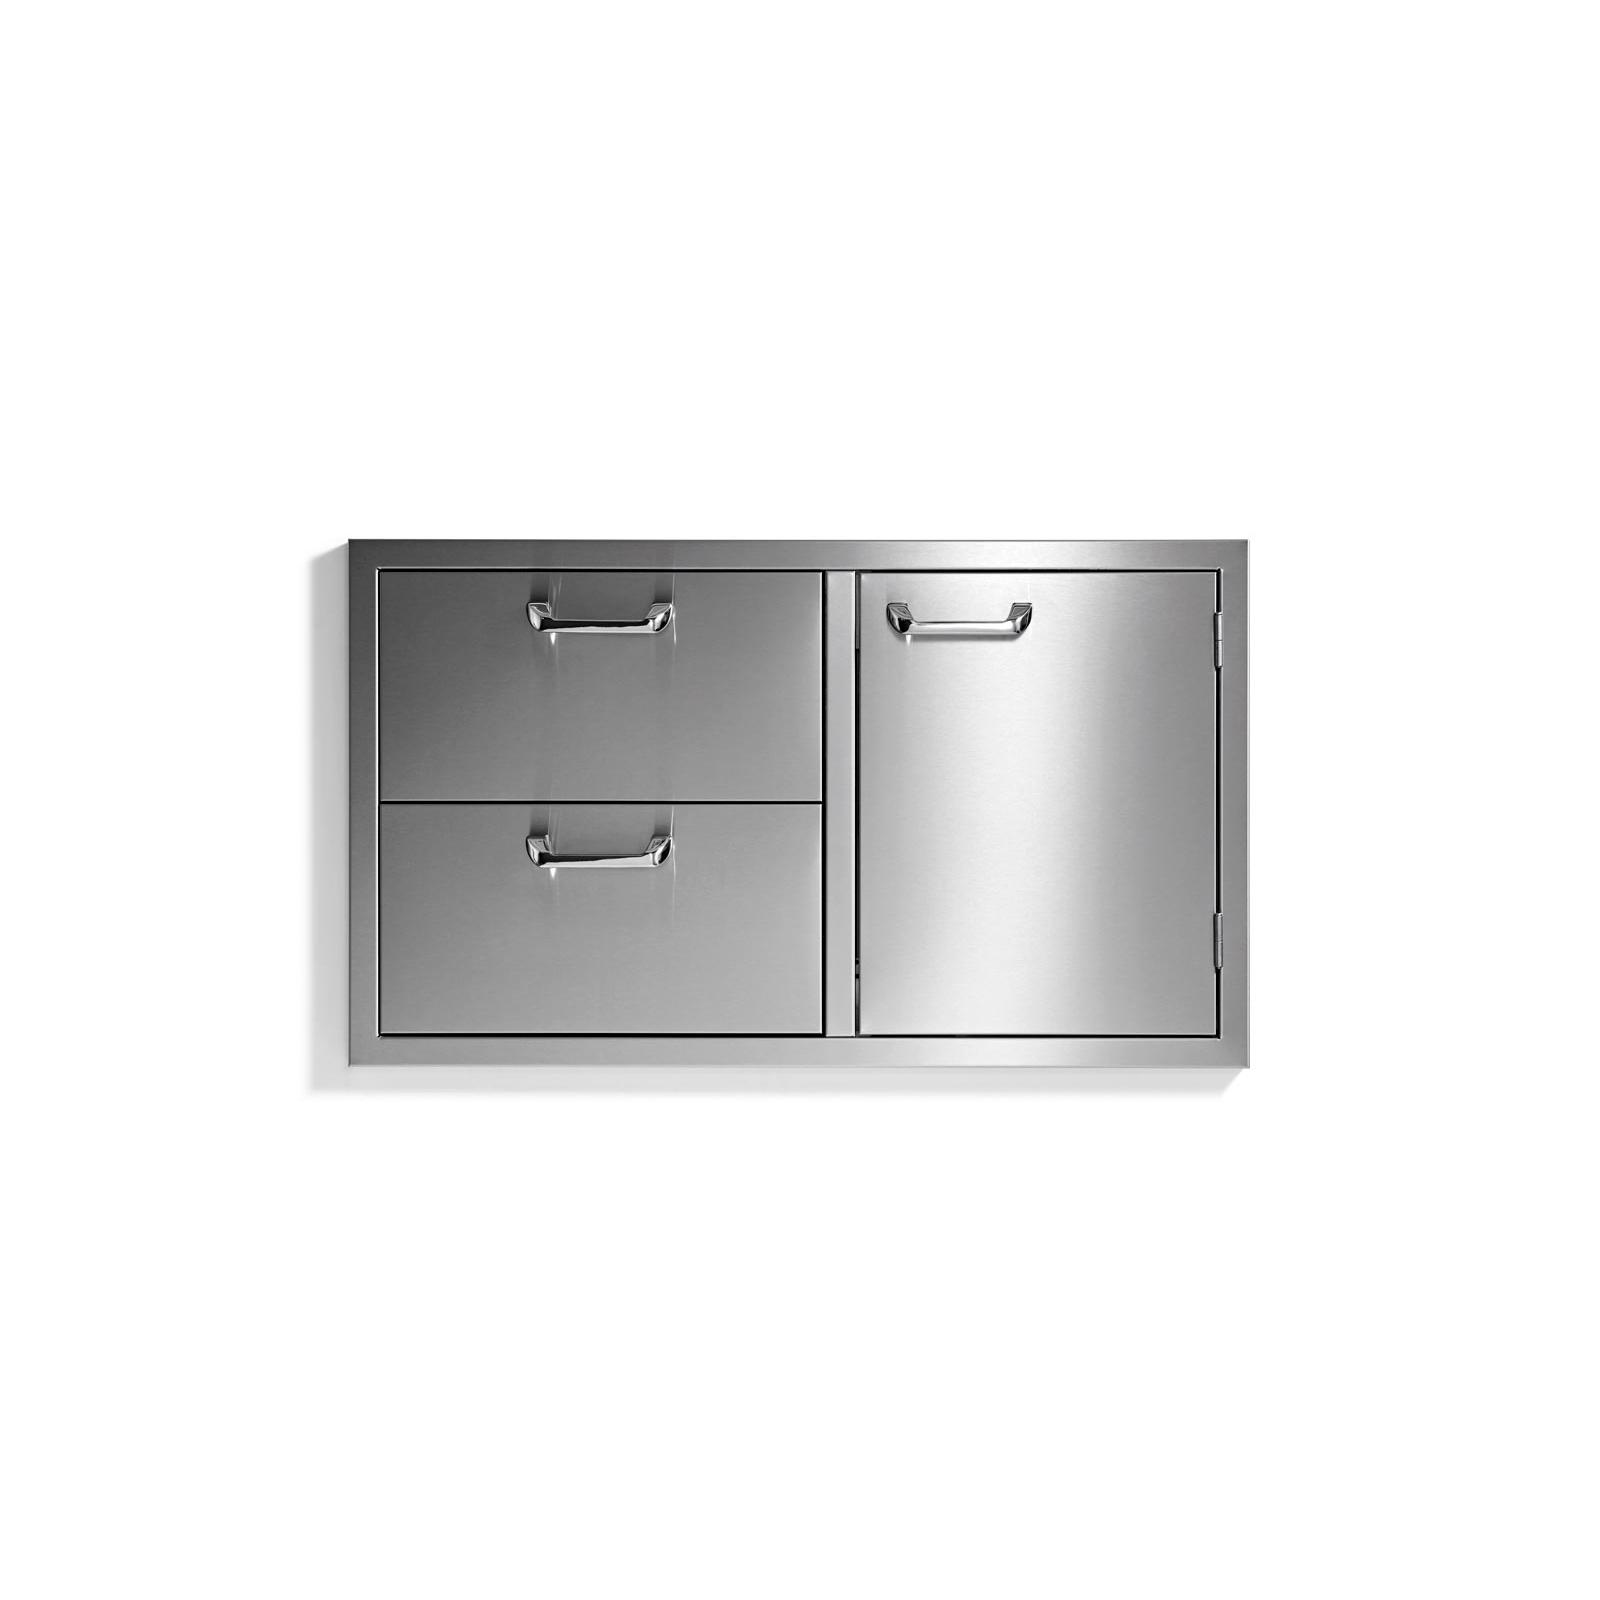 36in Sedona Double Drawer and Door Combo